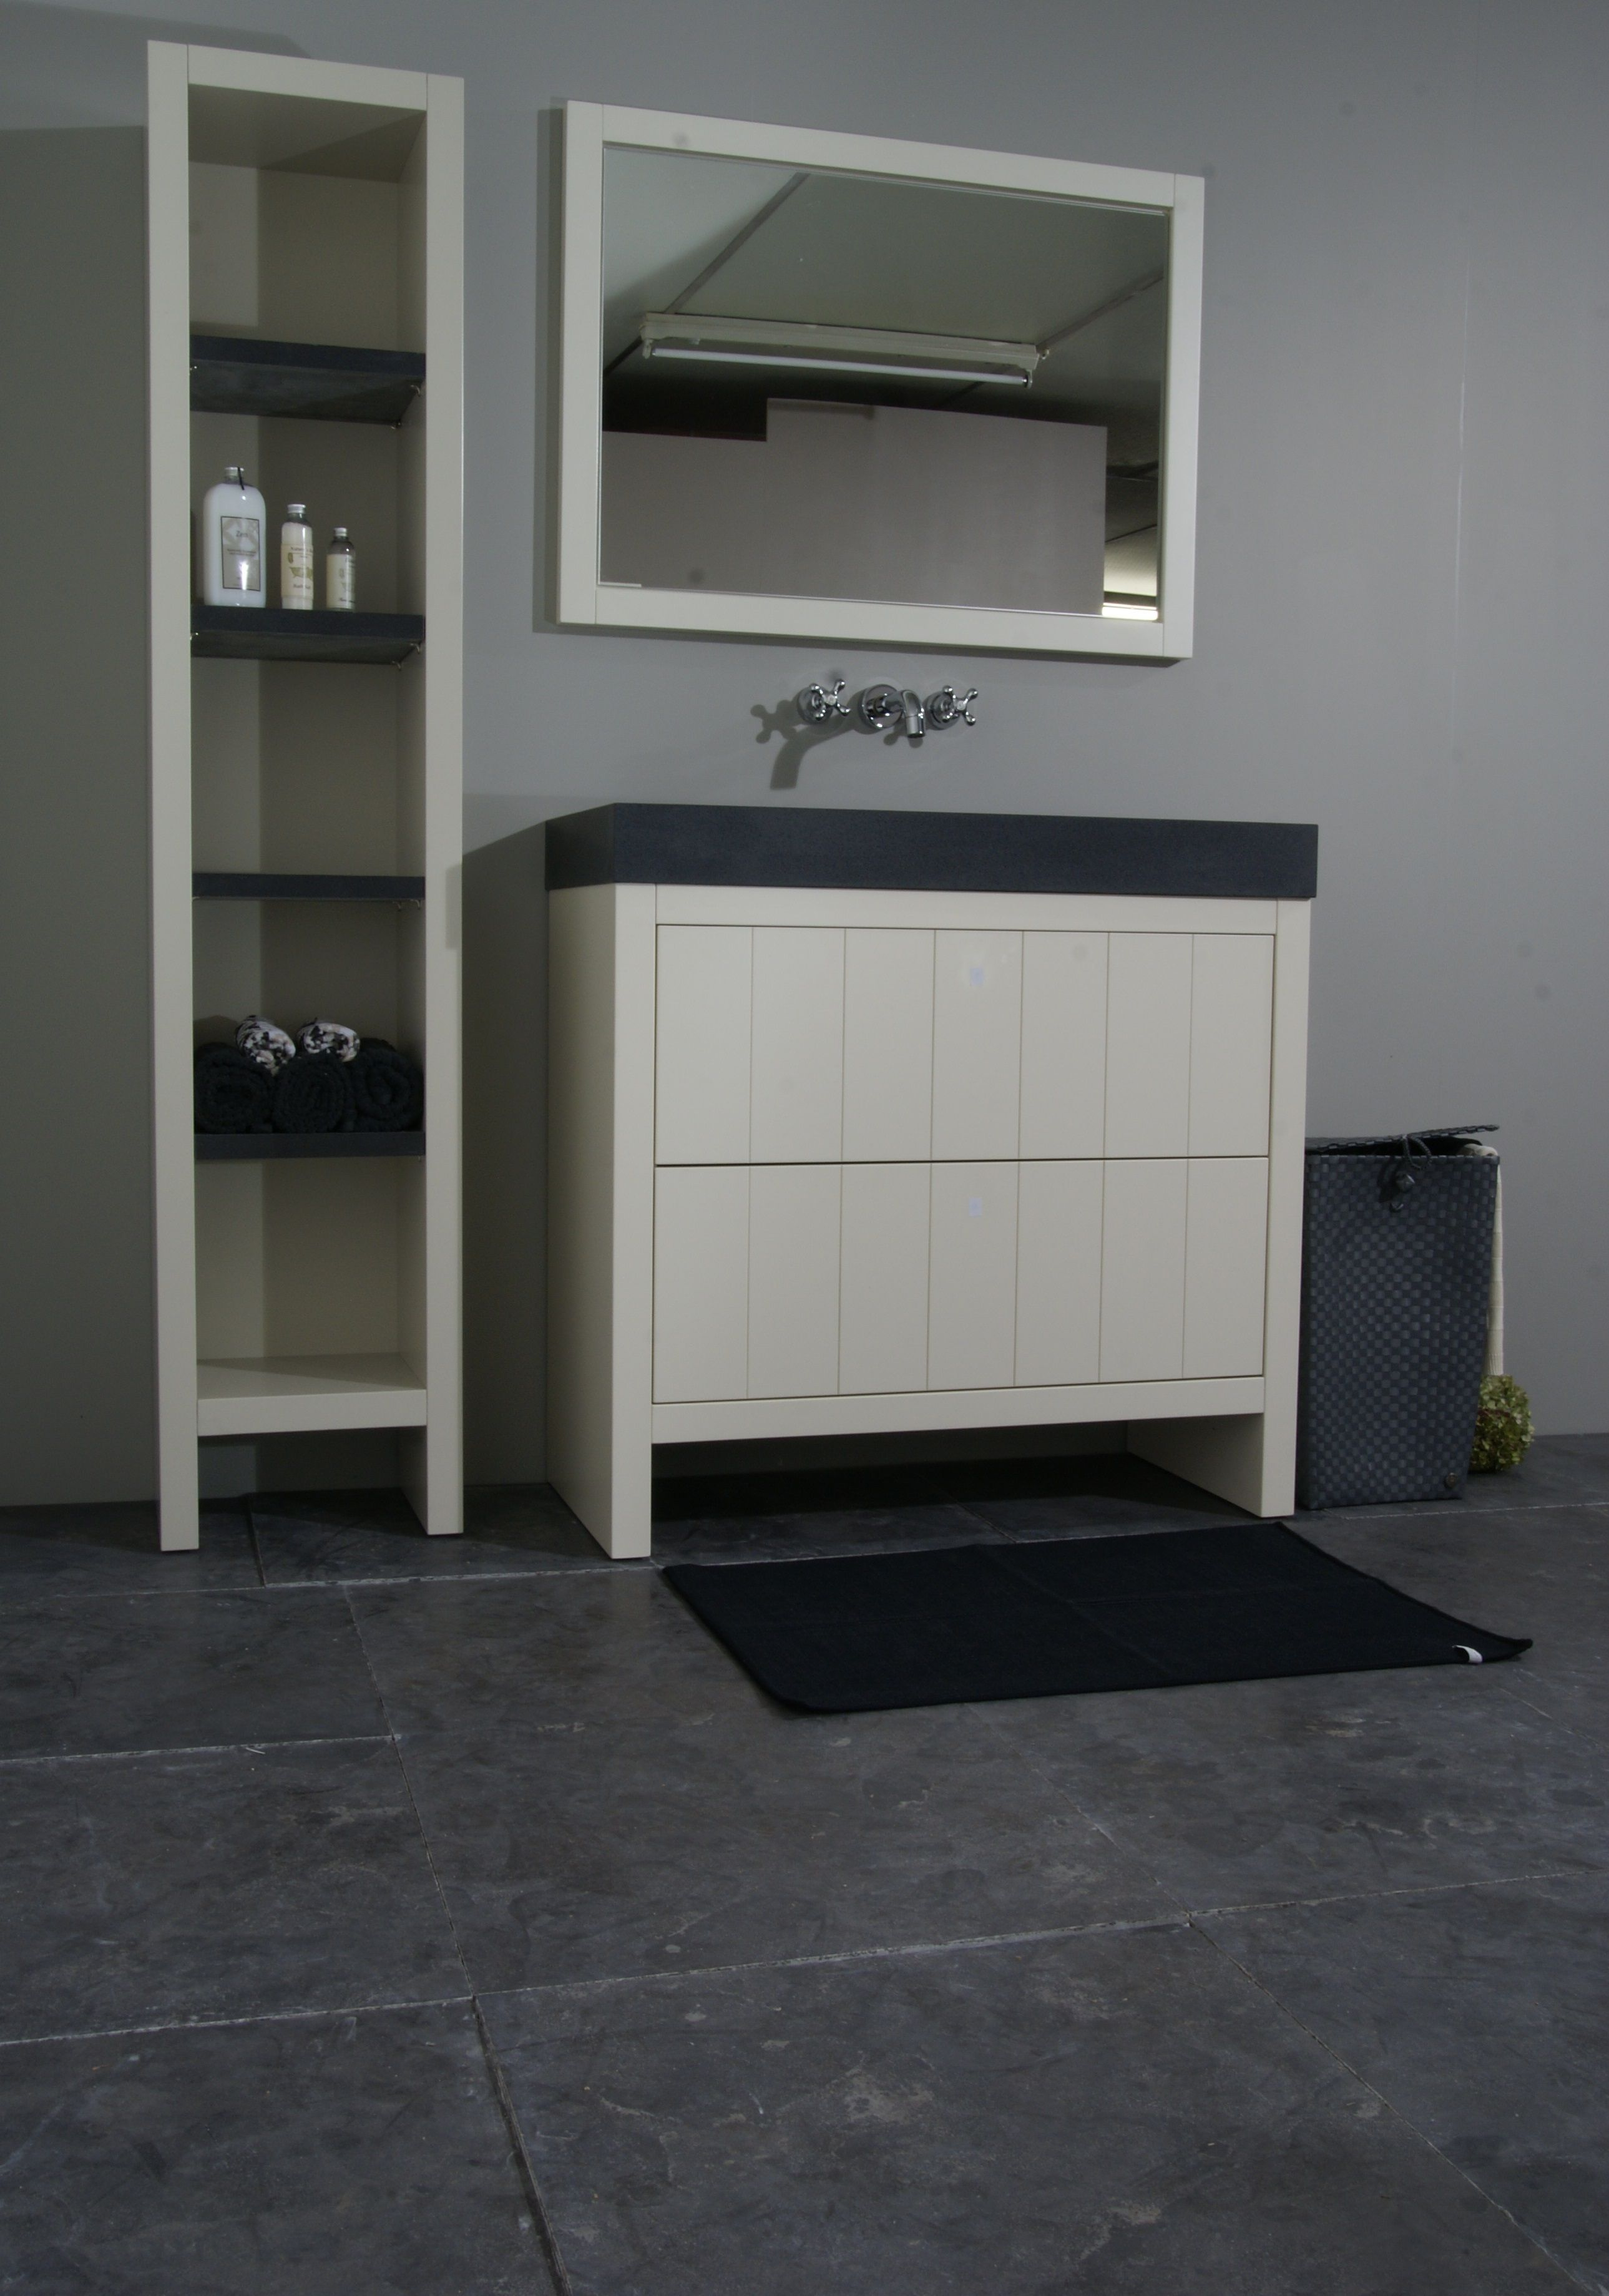 mooie landelijke badkamer opstelling hardsteen vloertegels en